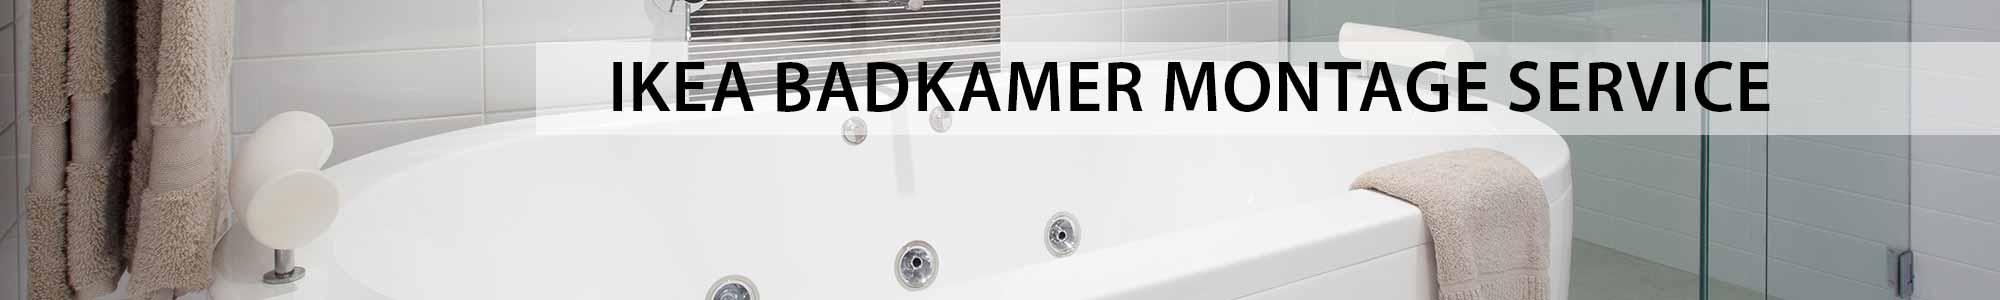 IKEA badkamer plaatsen - montage service. Scherpe prijzen!